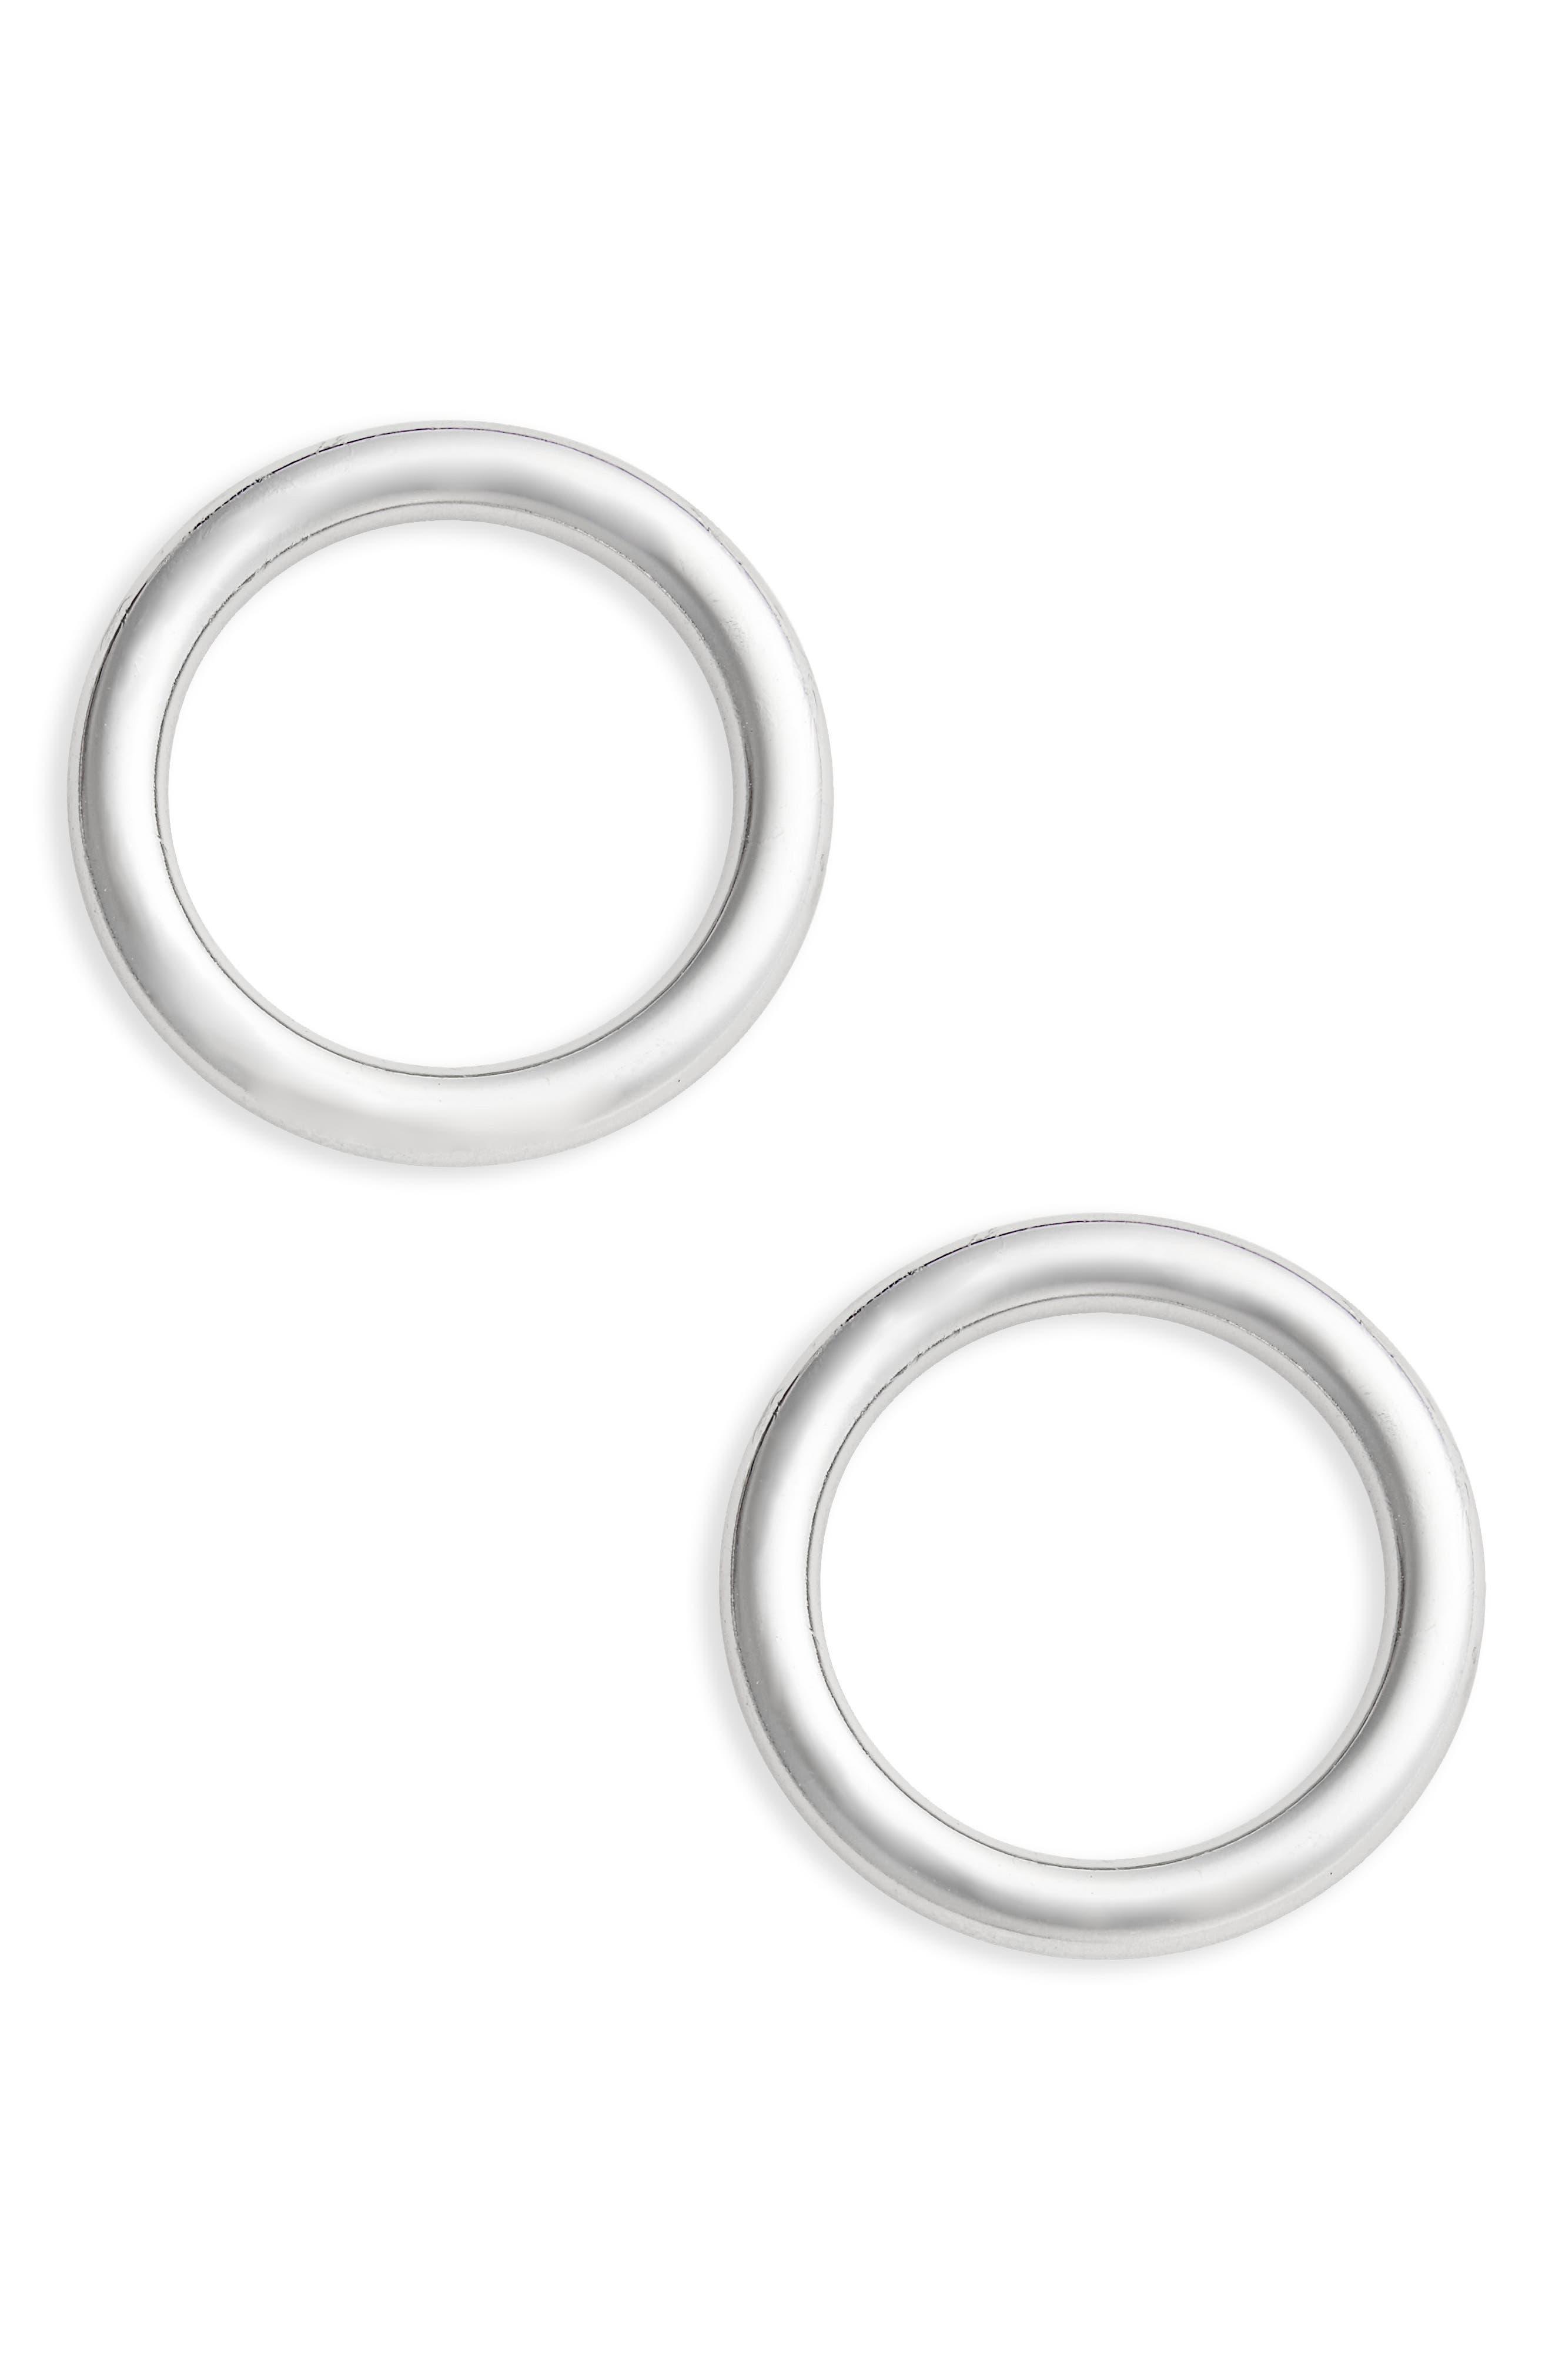 Main Image - Topshop Circular Earrings